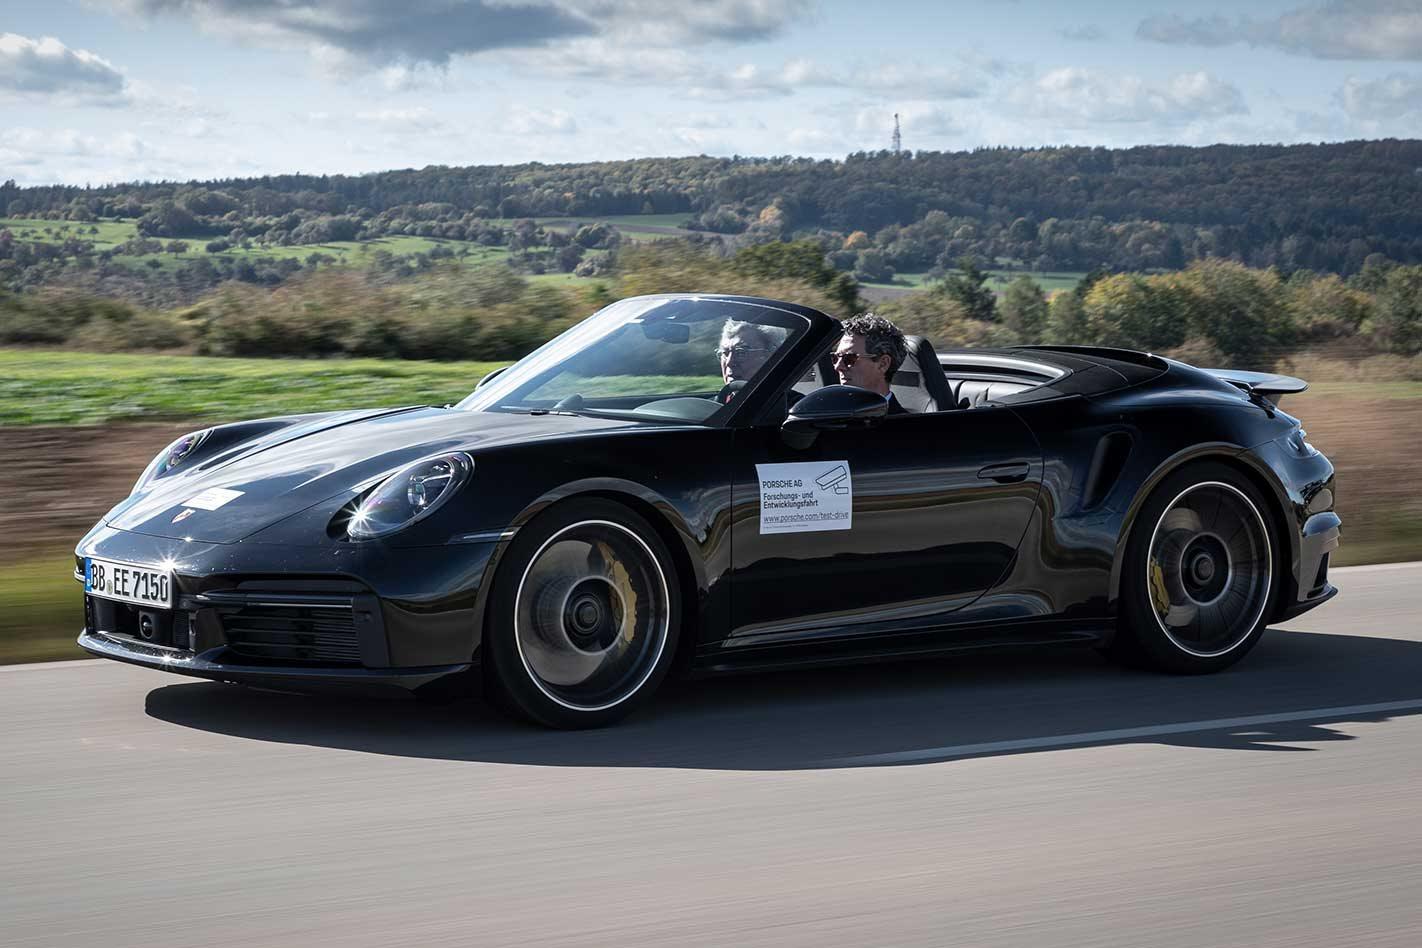 2020 Porsche 992 911 Turbo S prototype review